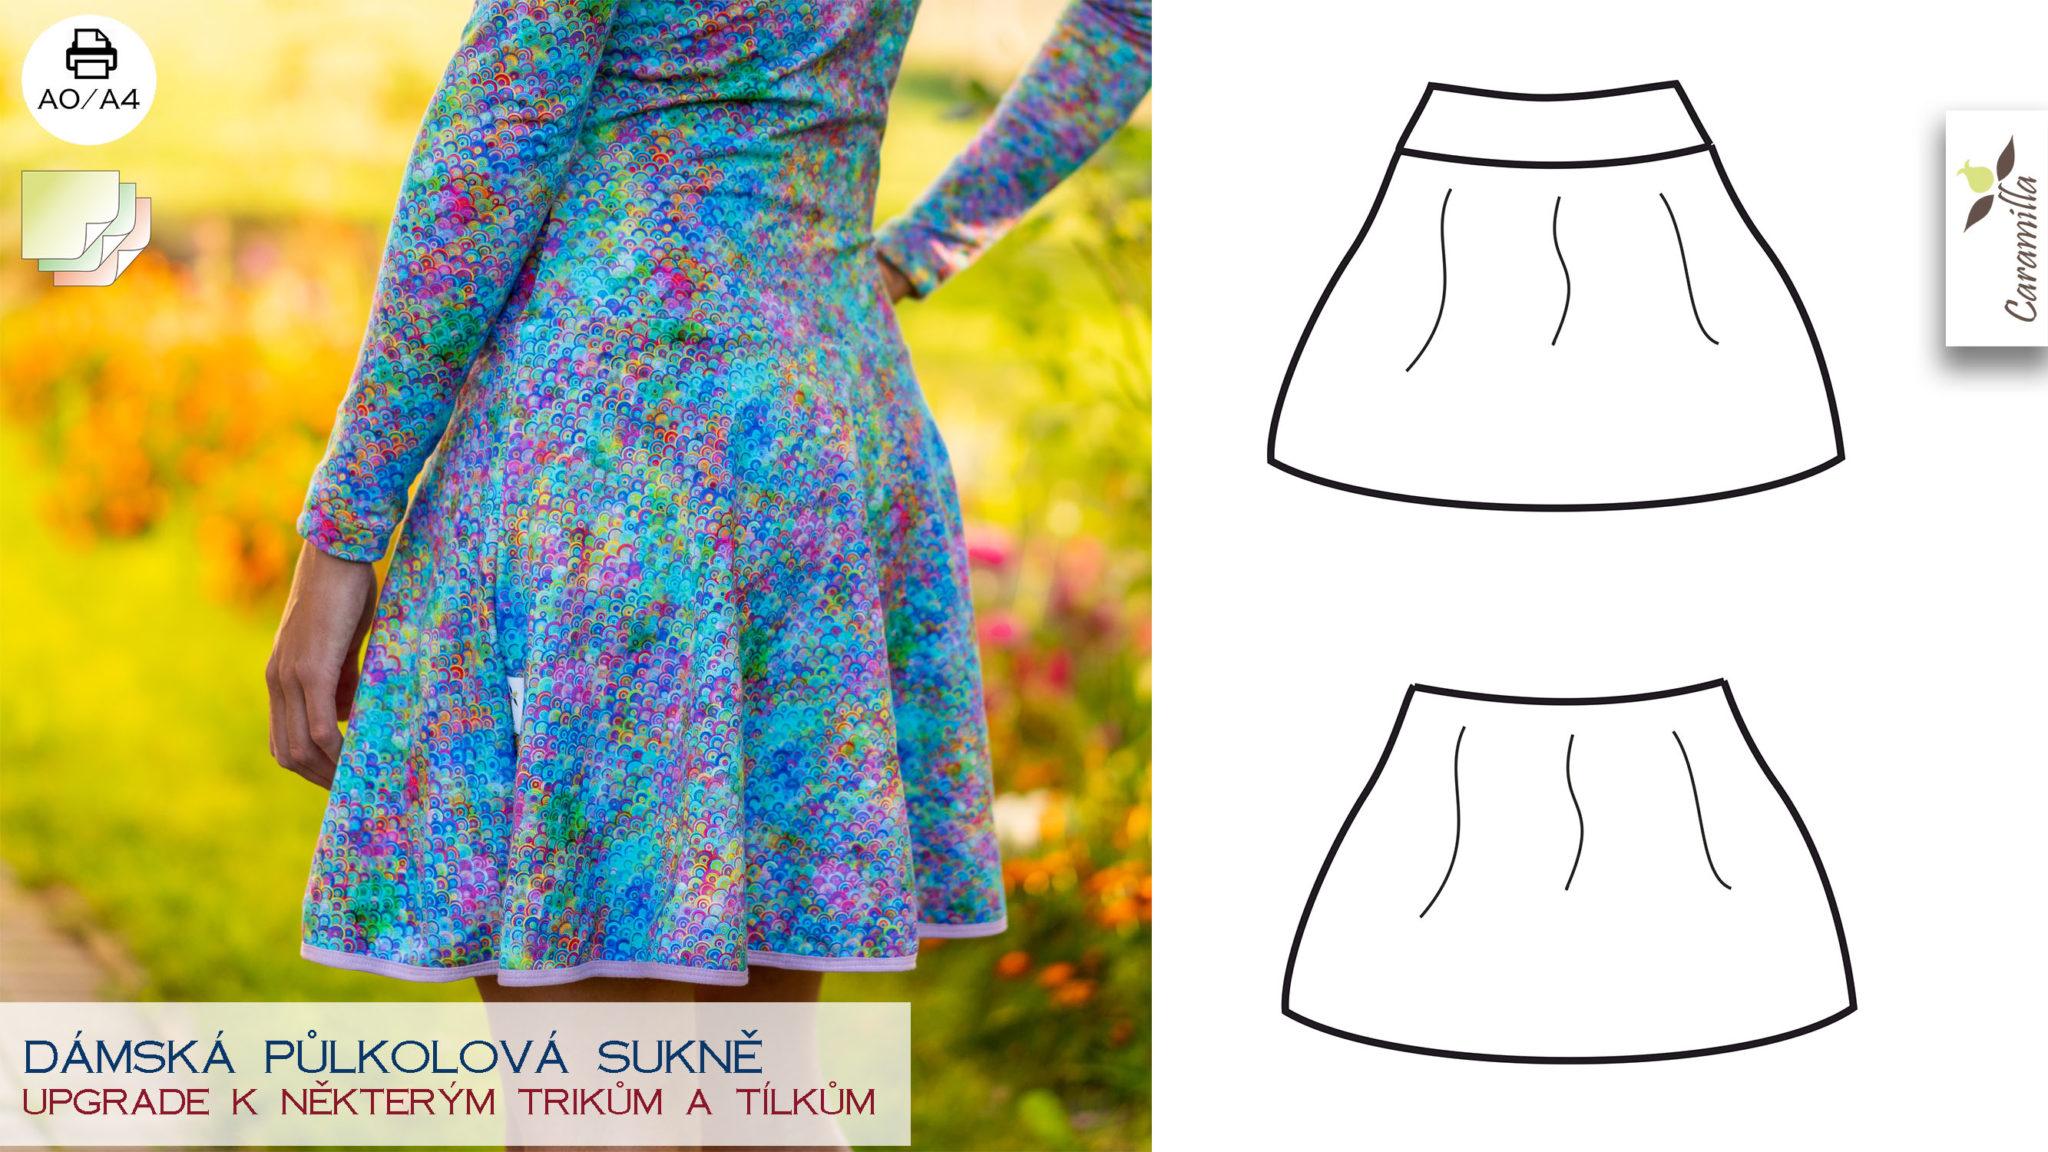 Půlkolová sukně (střih a návod)